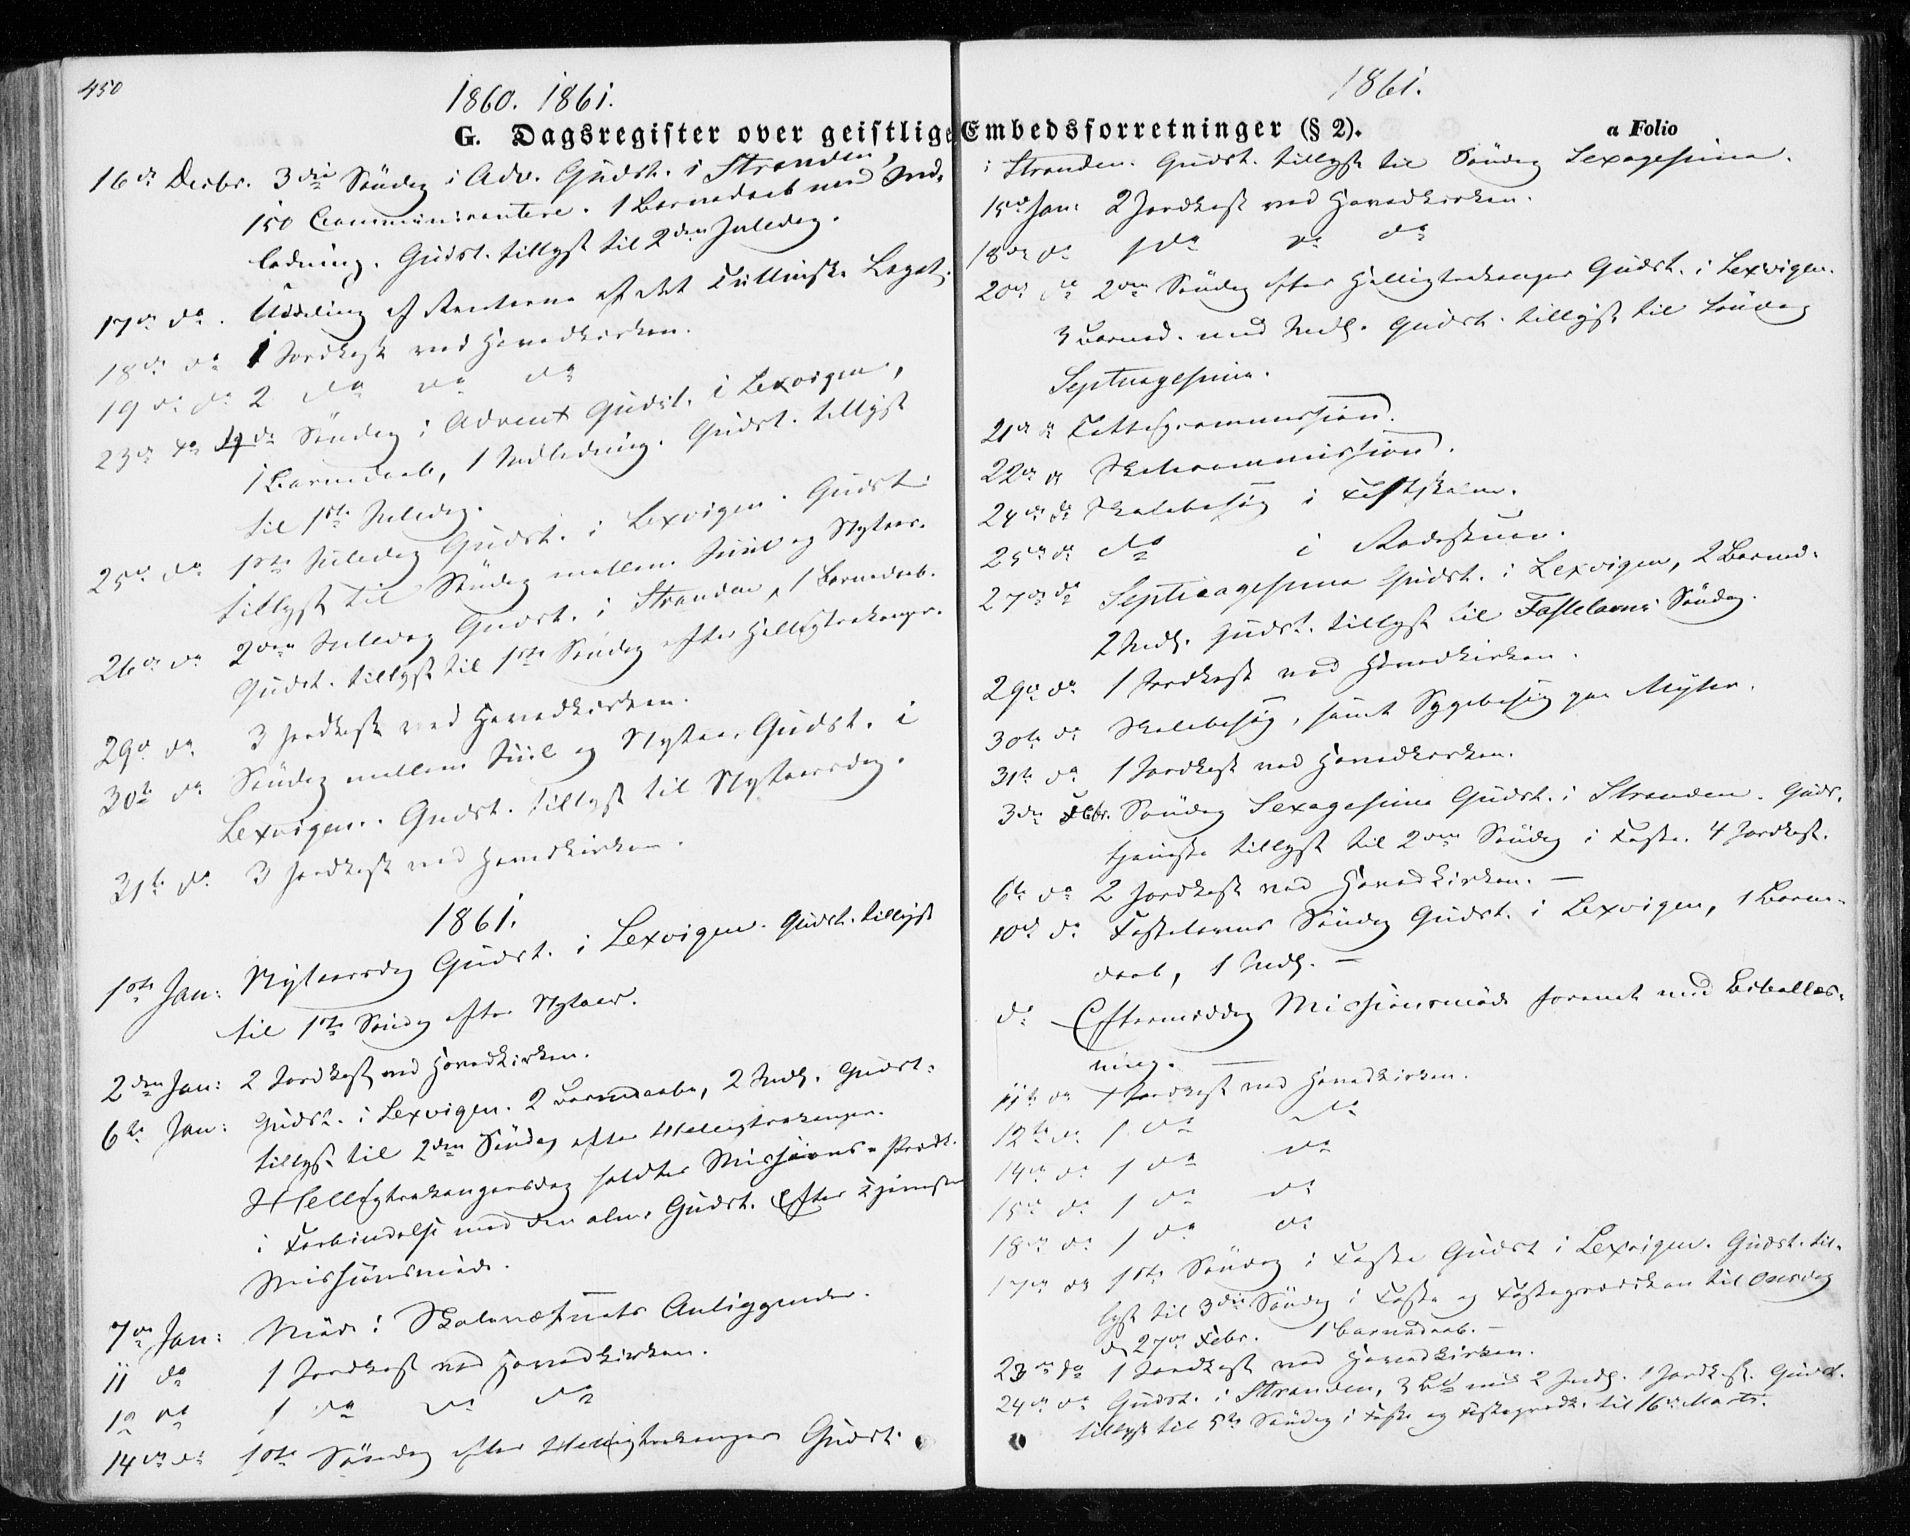 SAT, Ministerialprotokoller, klokkerbøker og fødselsregistre - Nord-Trøndelag, 701/L0008: Parish register (official) no. 701A08 /1, 1854-1863, p. 450